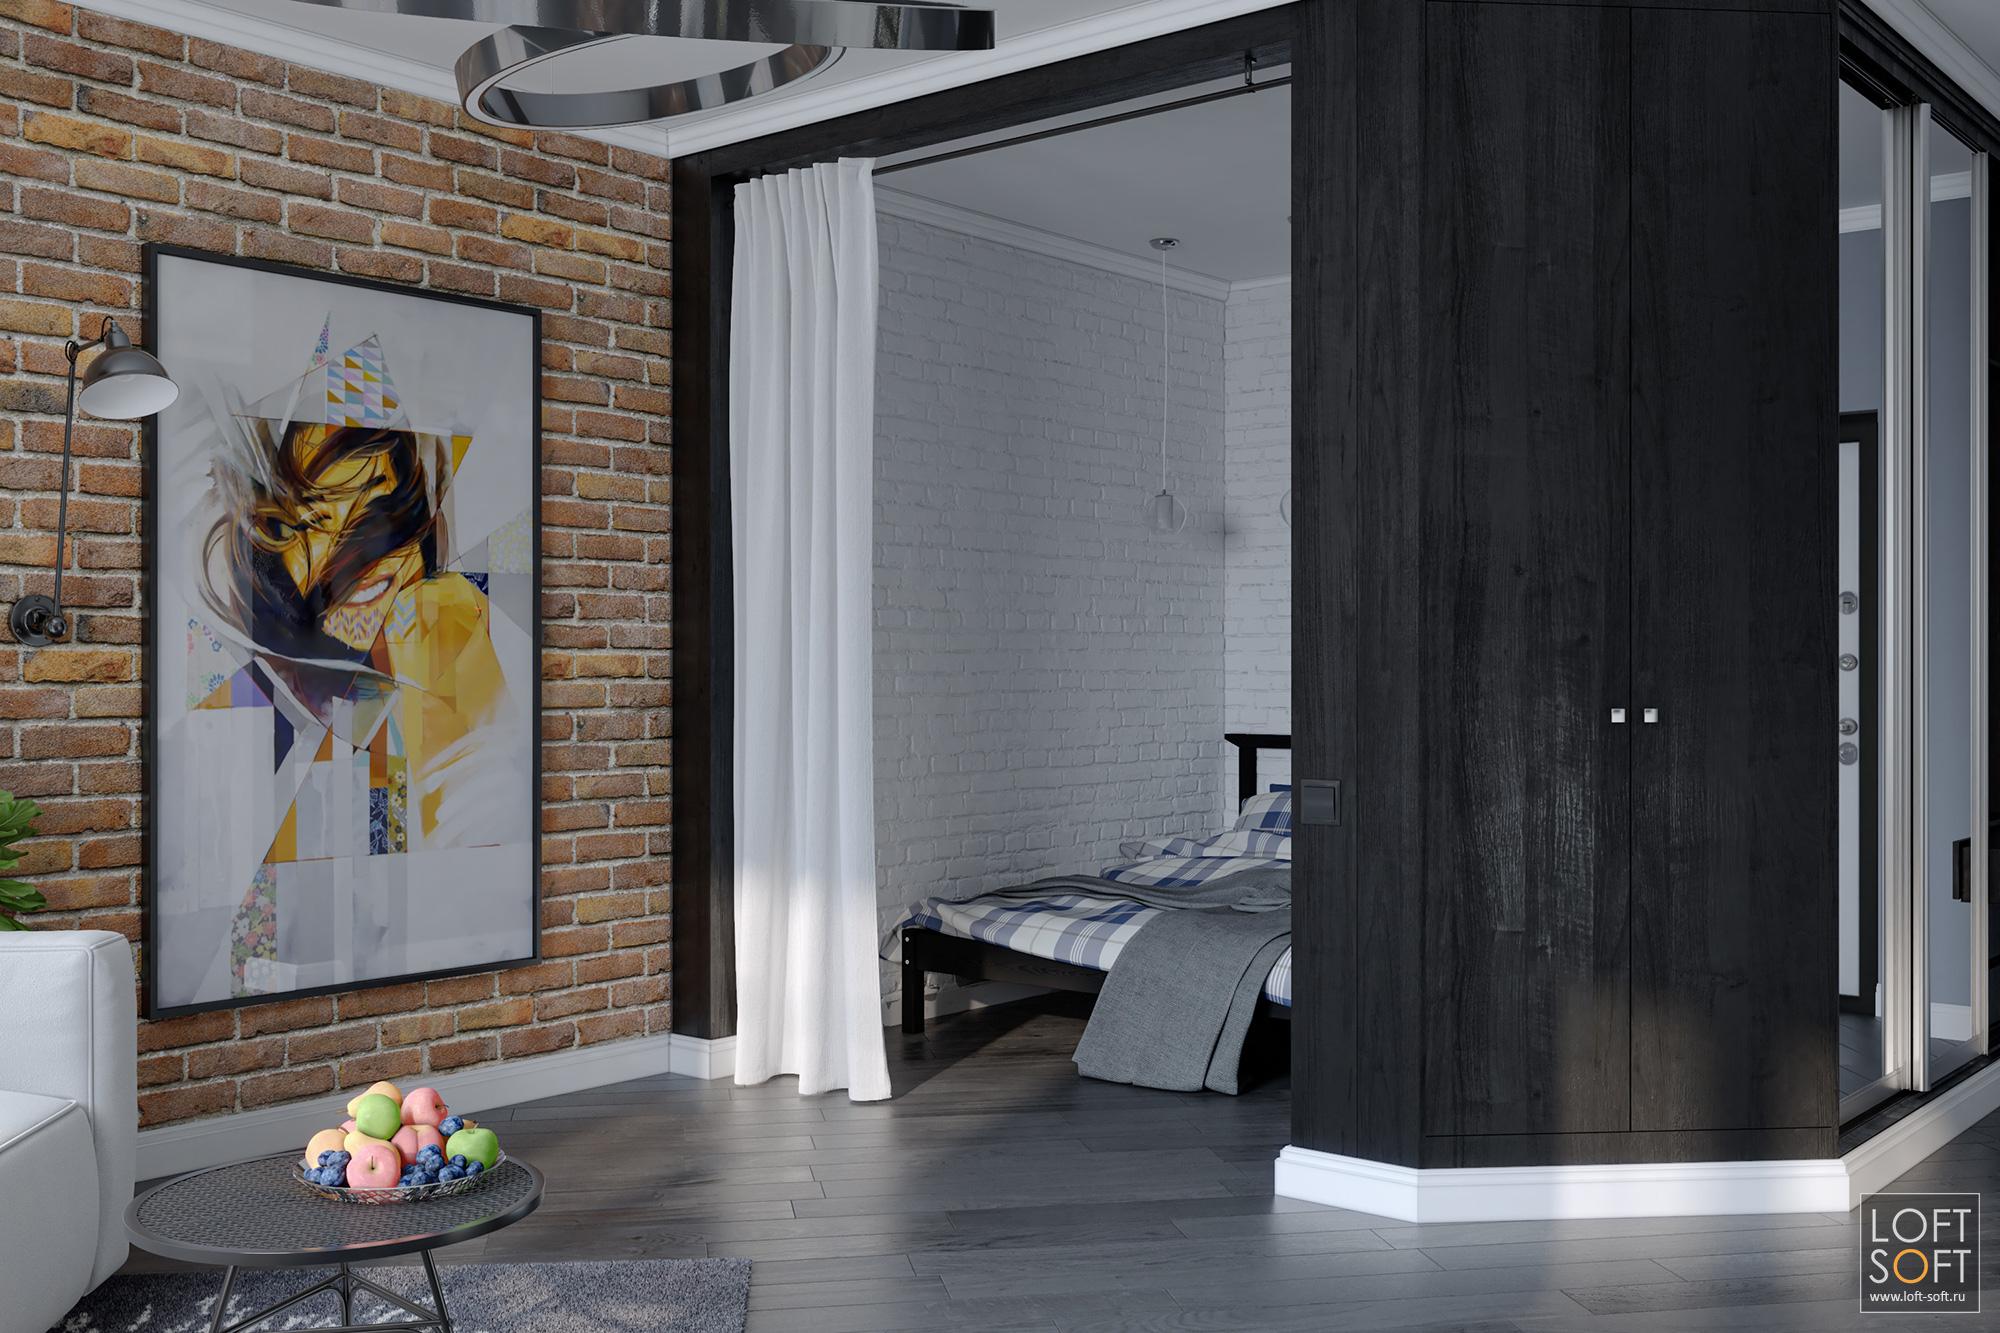 Квартира студия дизайн интерьера. Как разделить пространство комнаты.